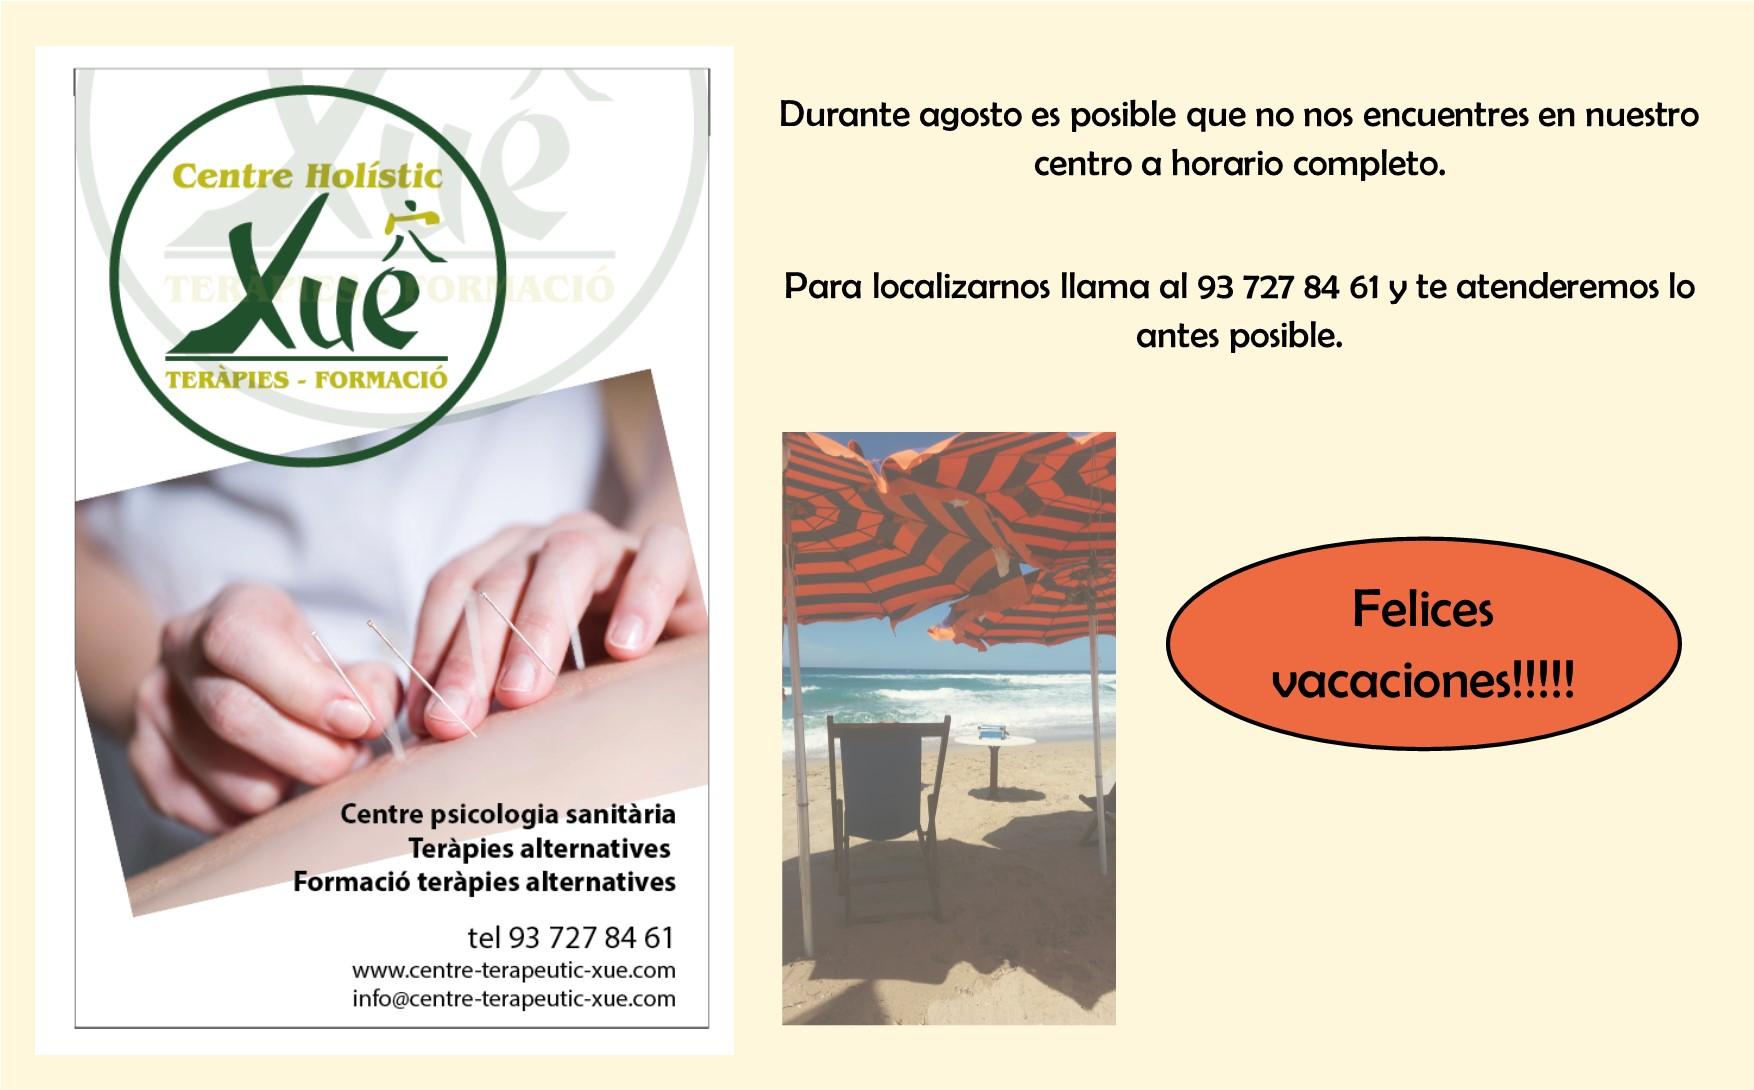 horario en agosto 2017 en Centre Terapeutic Xue Sabadell